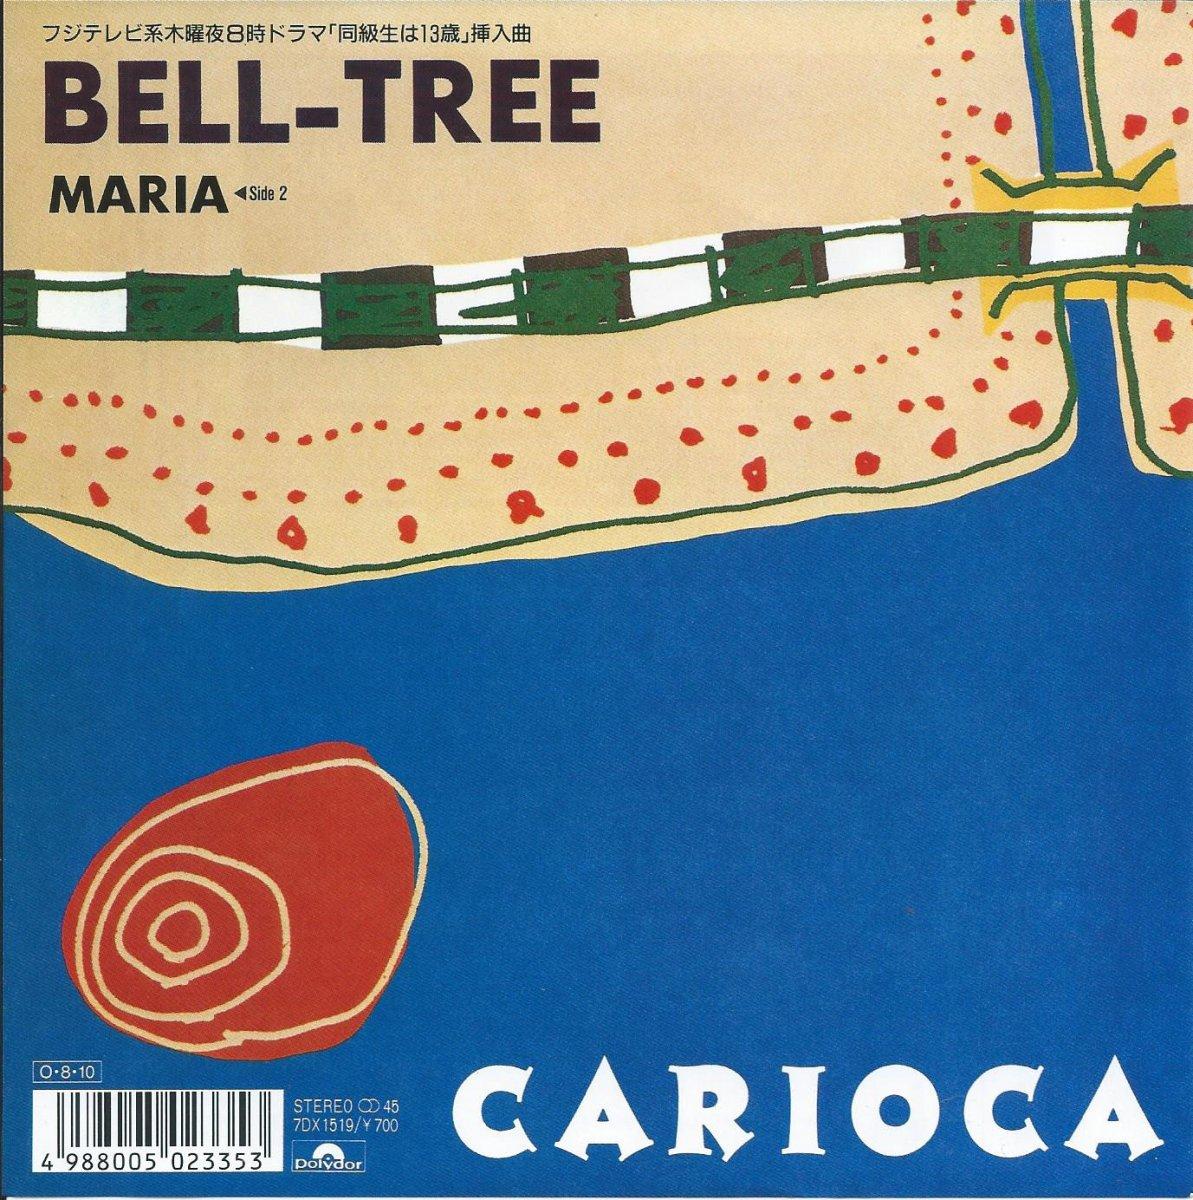 カリオカ CARIOCA / BELL TREE / MARIA (7